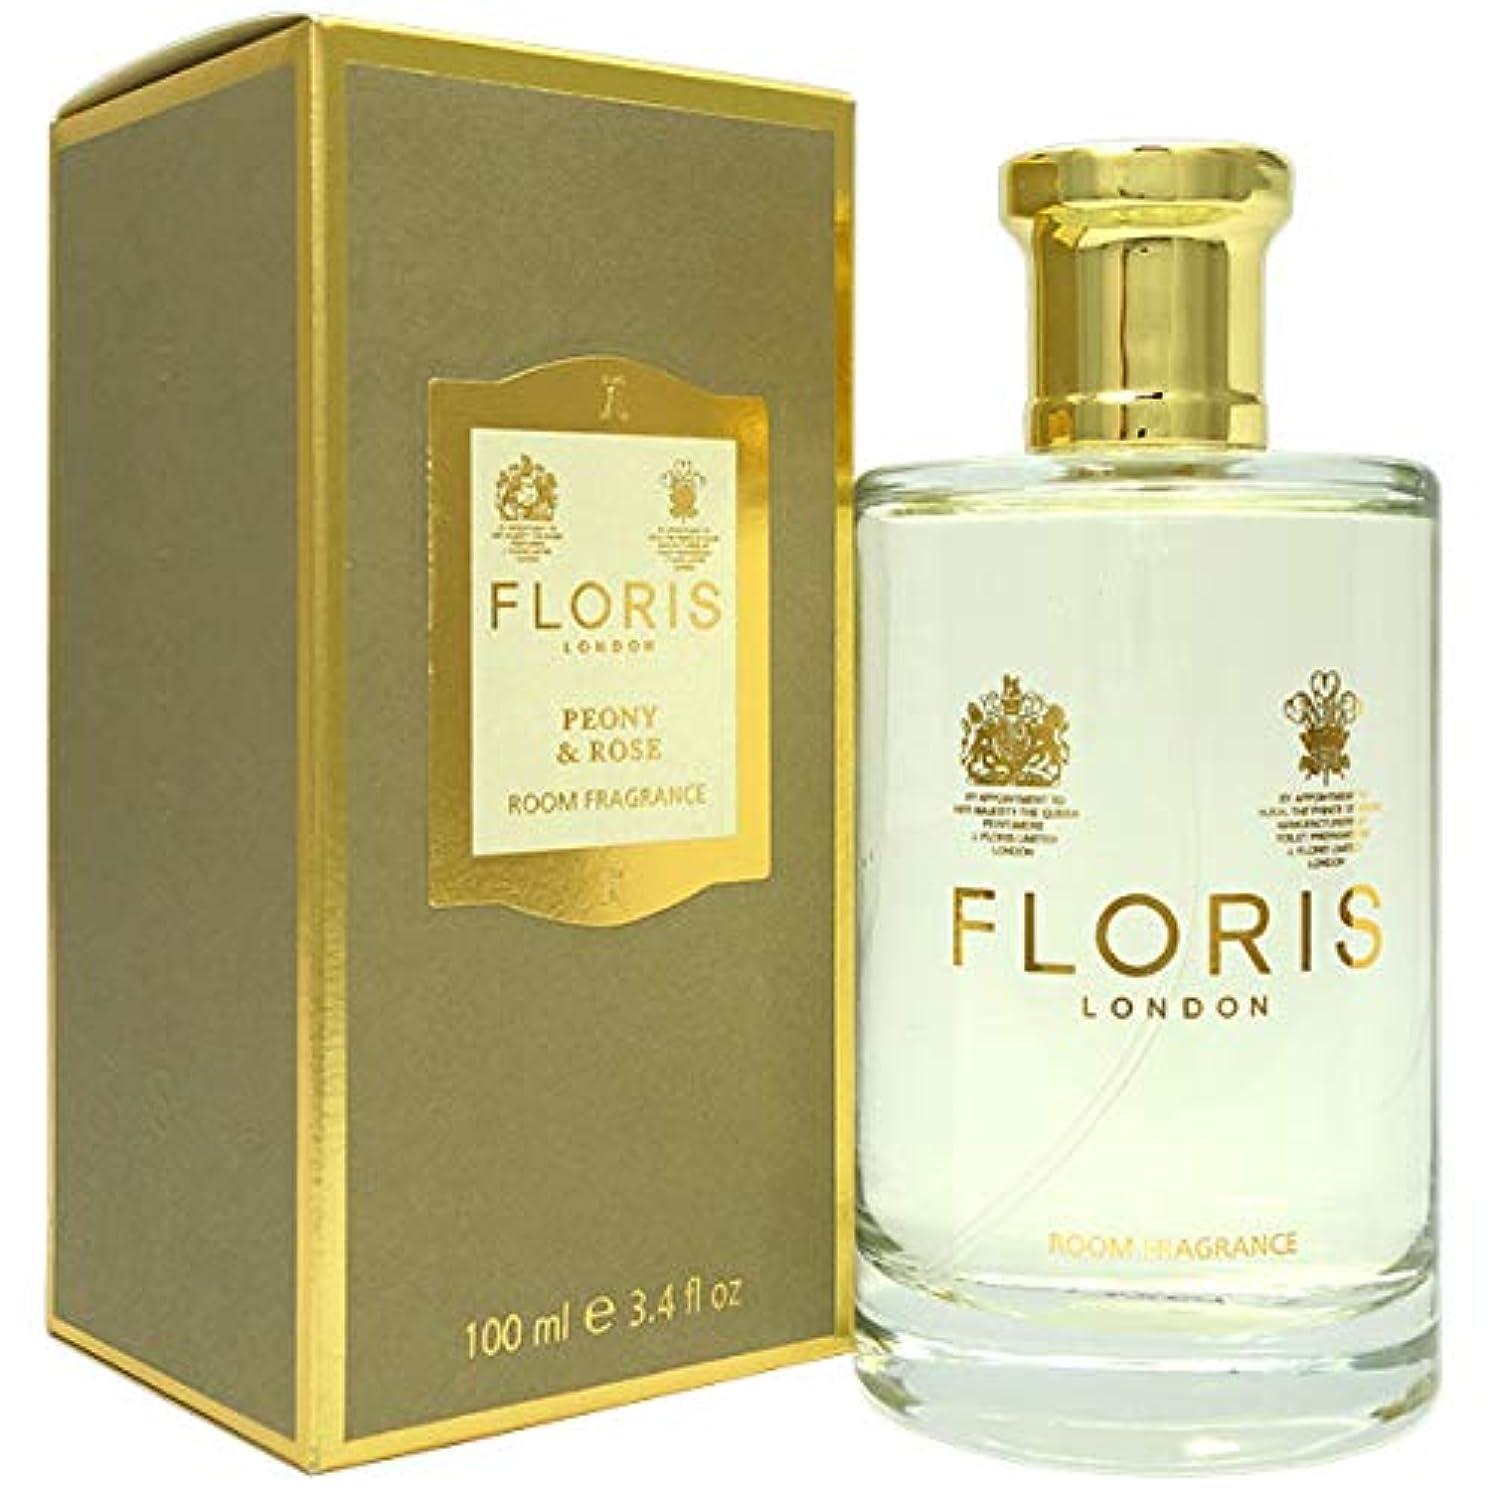 持っている包括的複製フローリス FLORIS ルームフレグランス ピオニー&ローズ 100ml [並行輸入品]